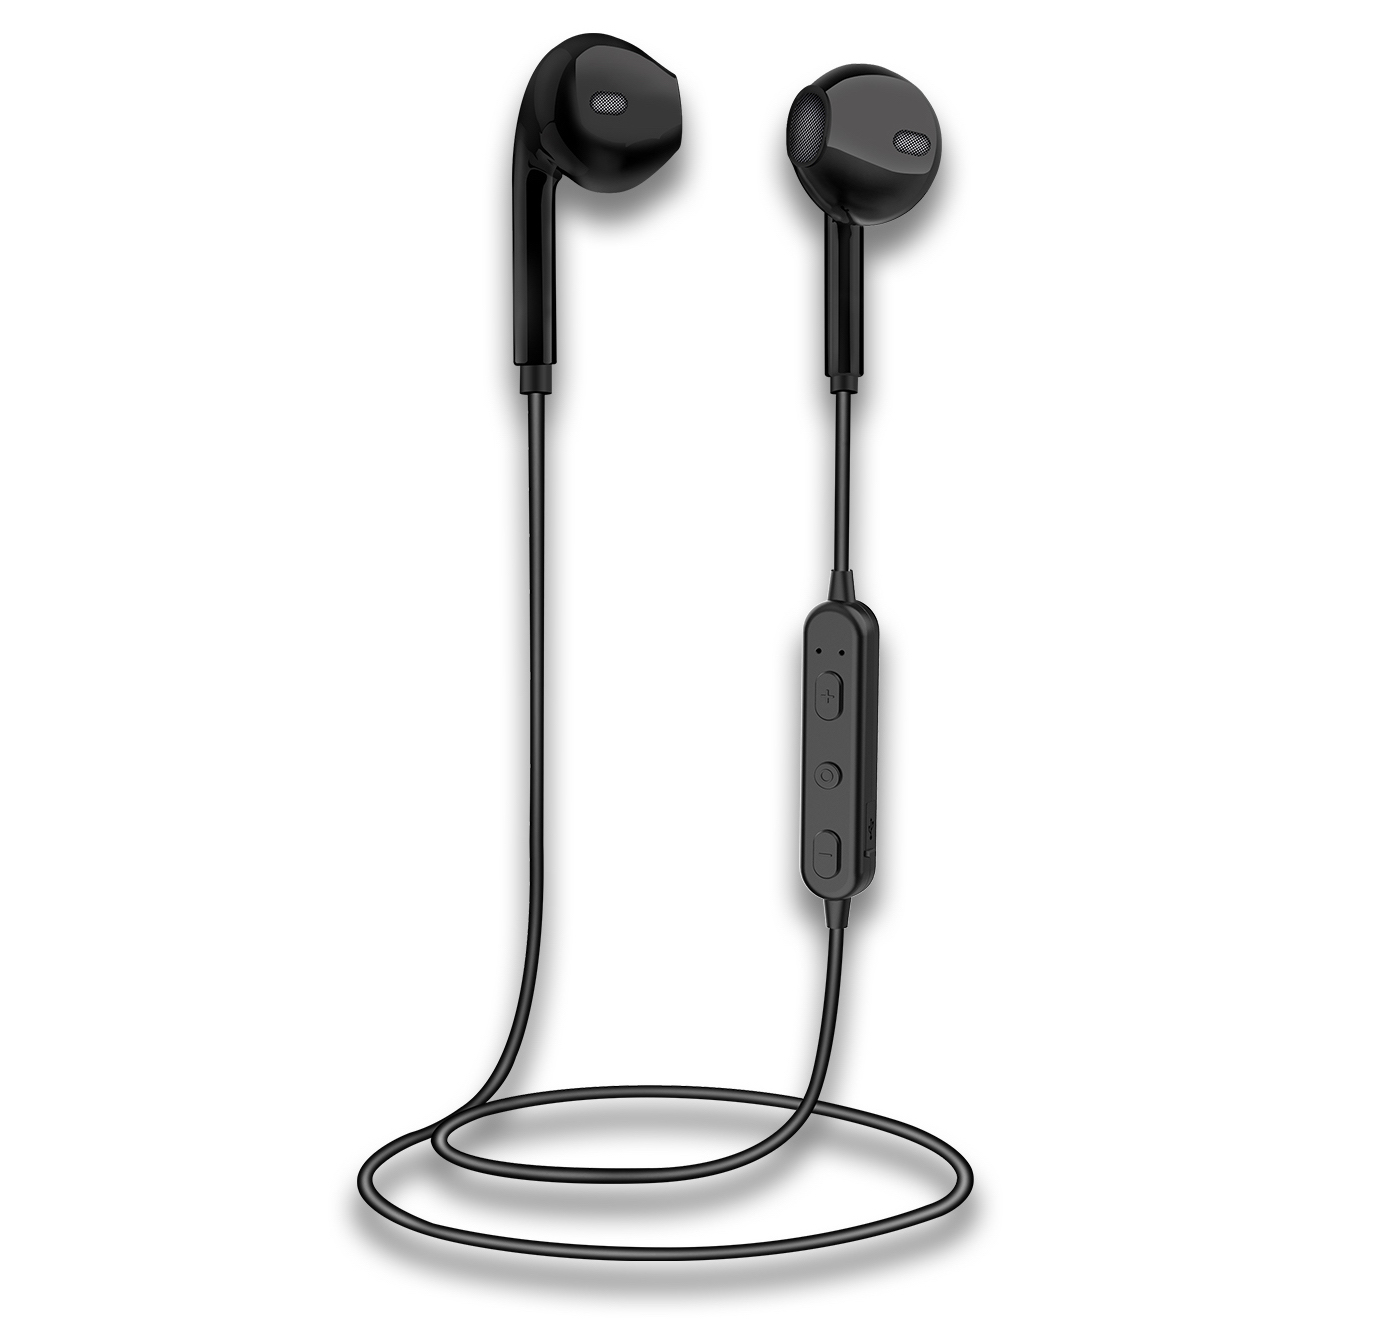 H2 Bluetooth Water & Sweat Proof BT-01 Earphone